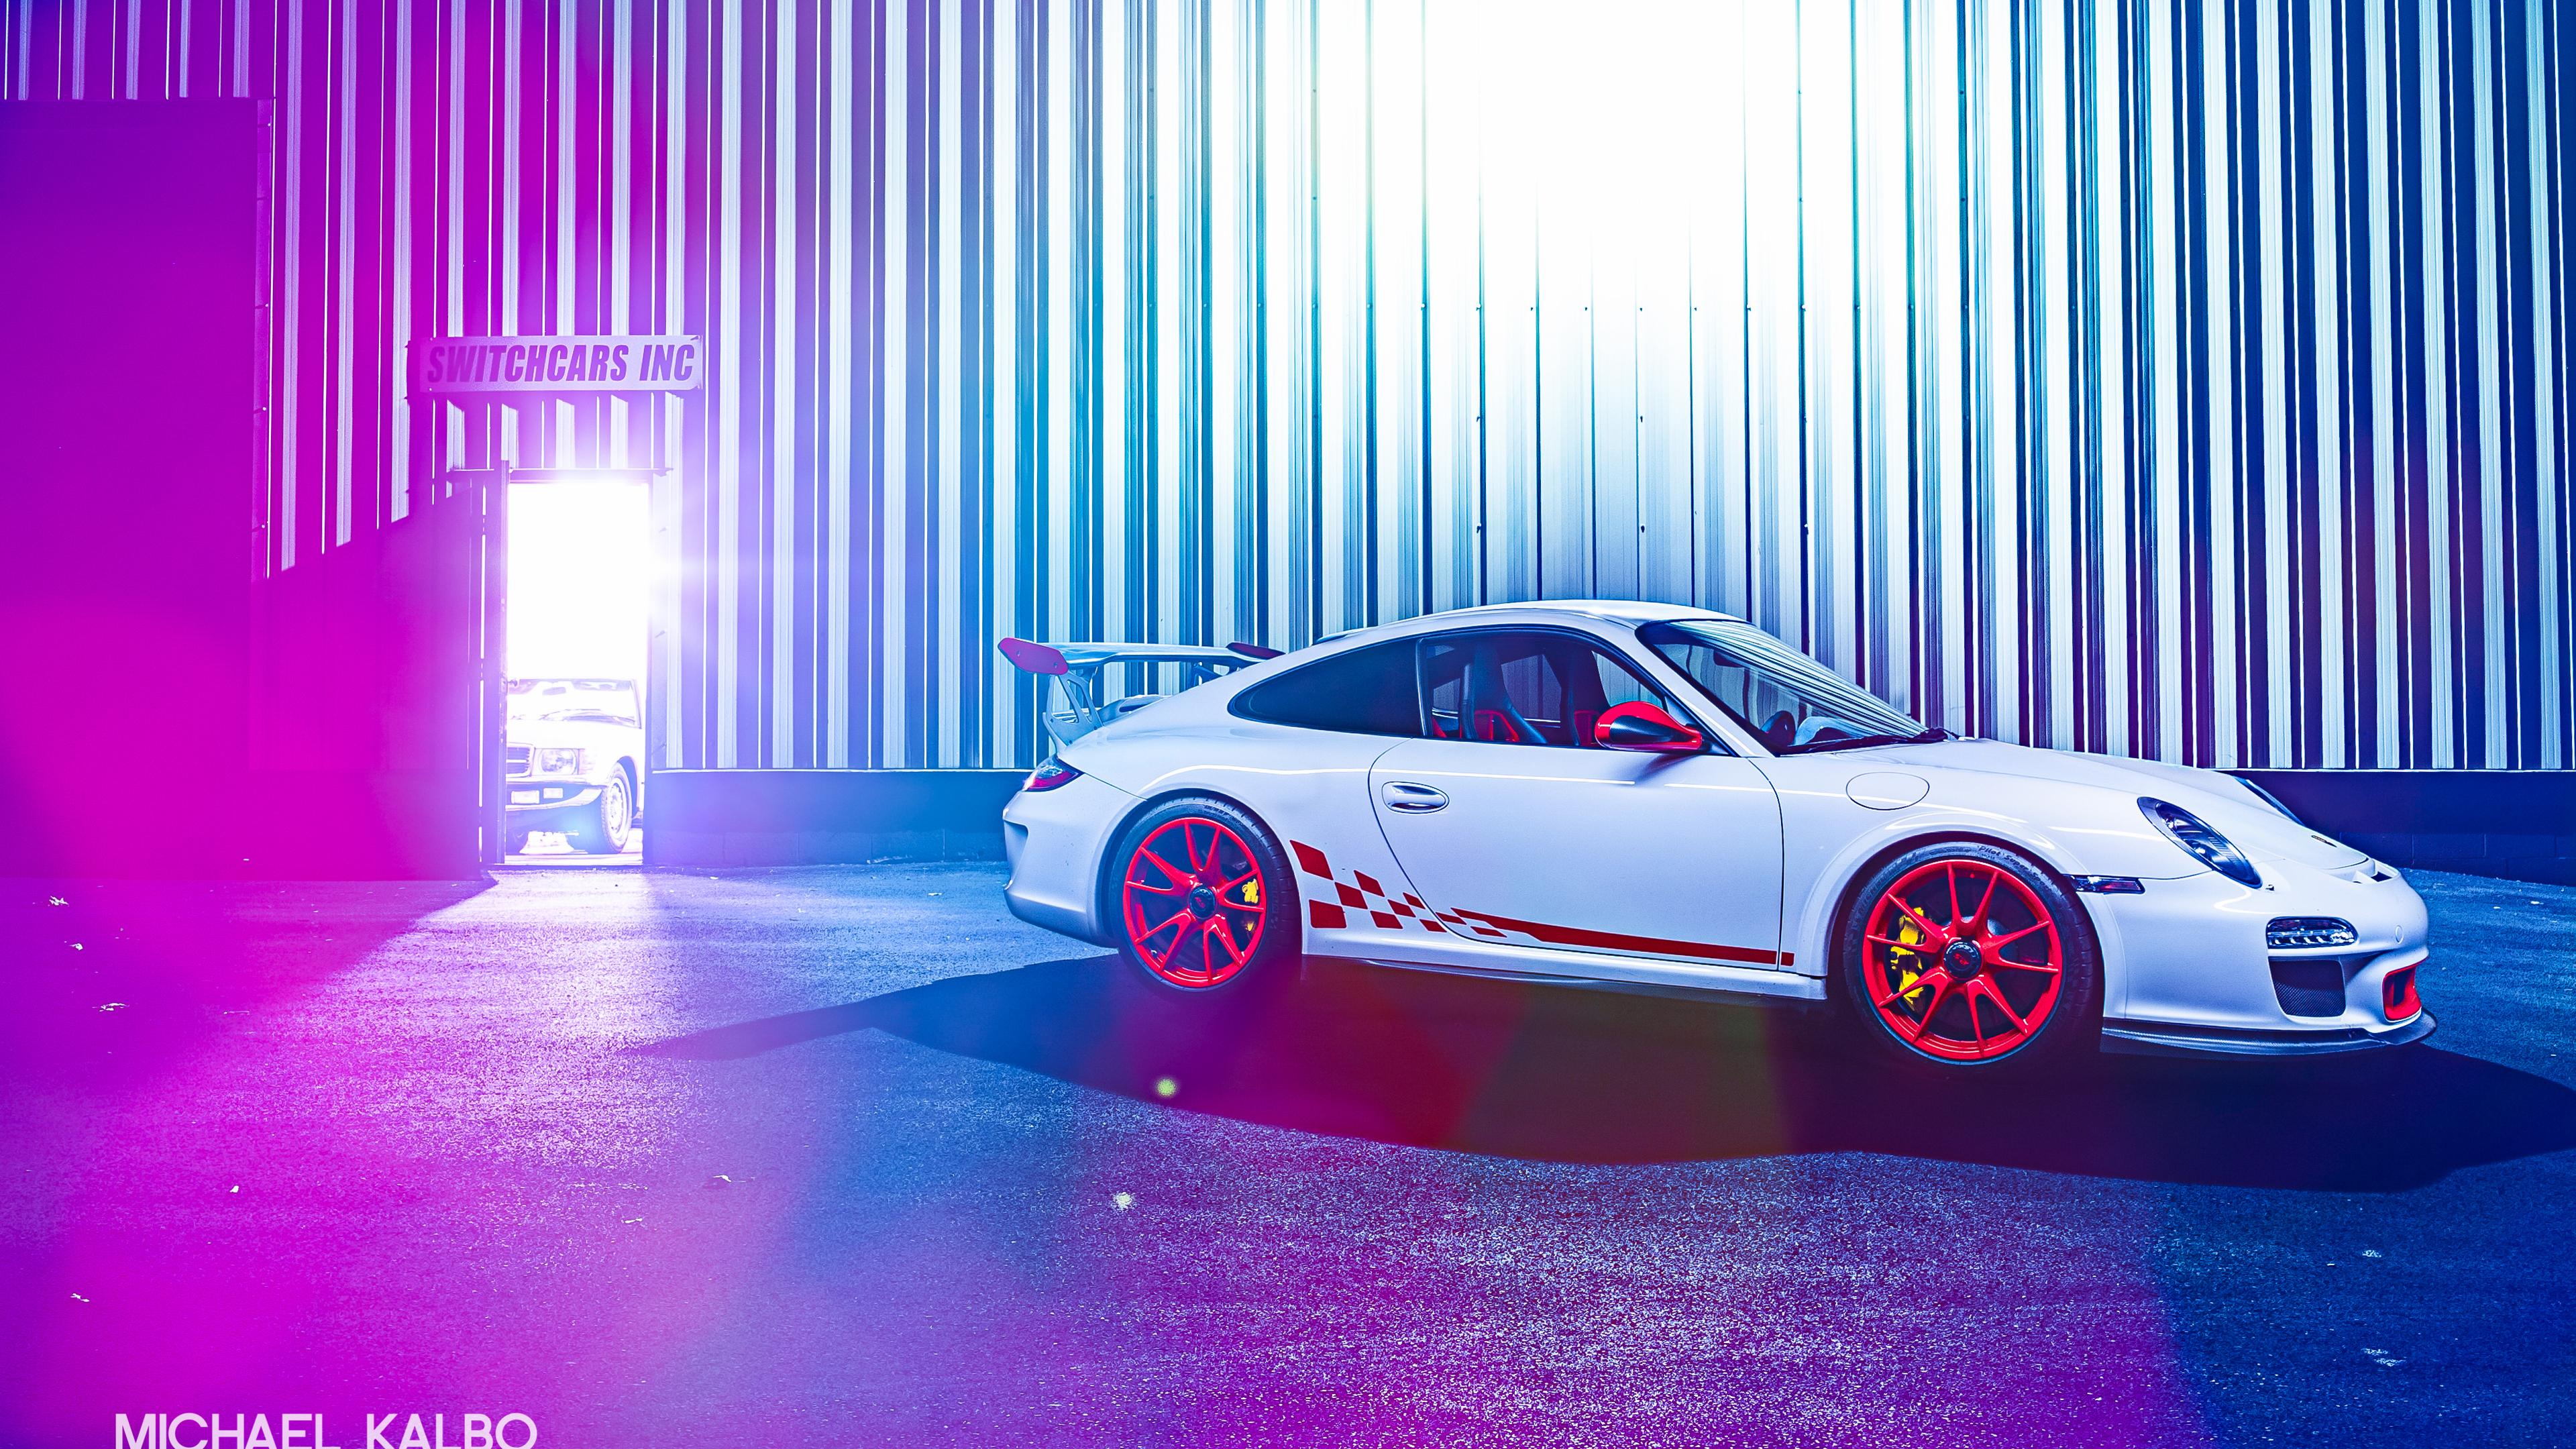 2019 porsche gt3rs 4k 1557260671 - 2019 Porsche GT3RS 4K - porsche wallpapers, porsche gt3 wallpapers, hd-wallpapers, cars wallpapers, 4k-wallpapers